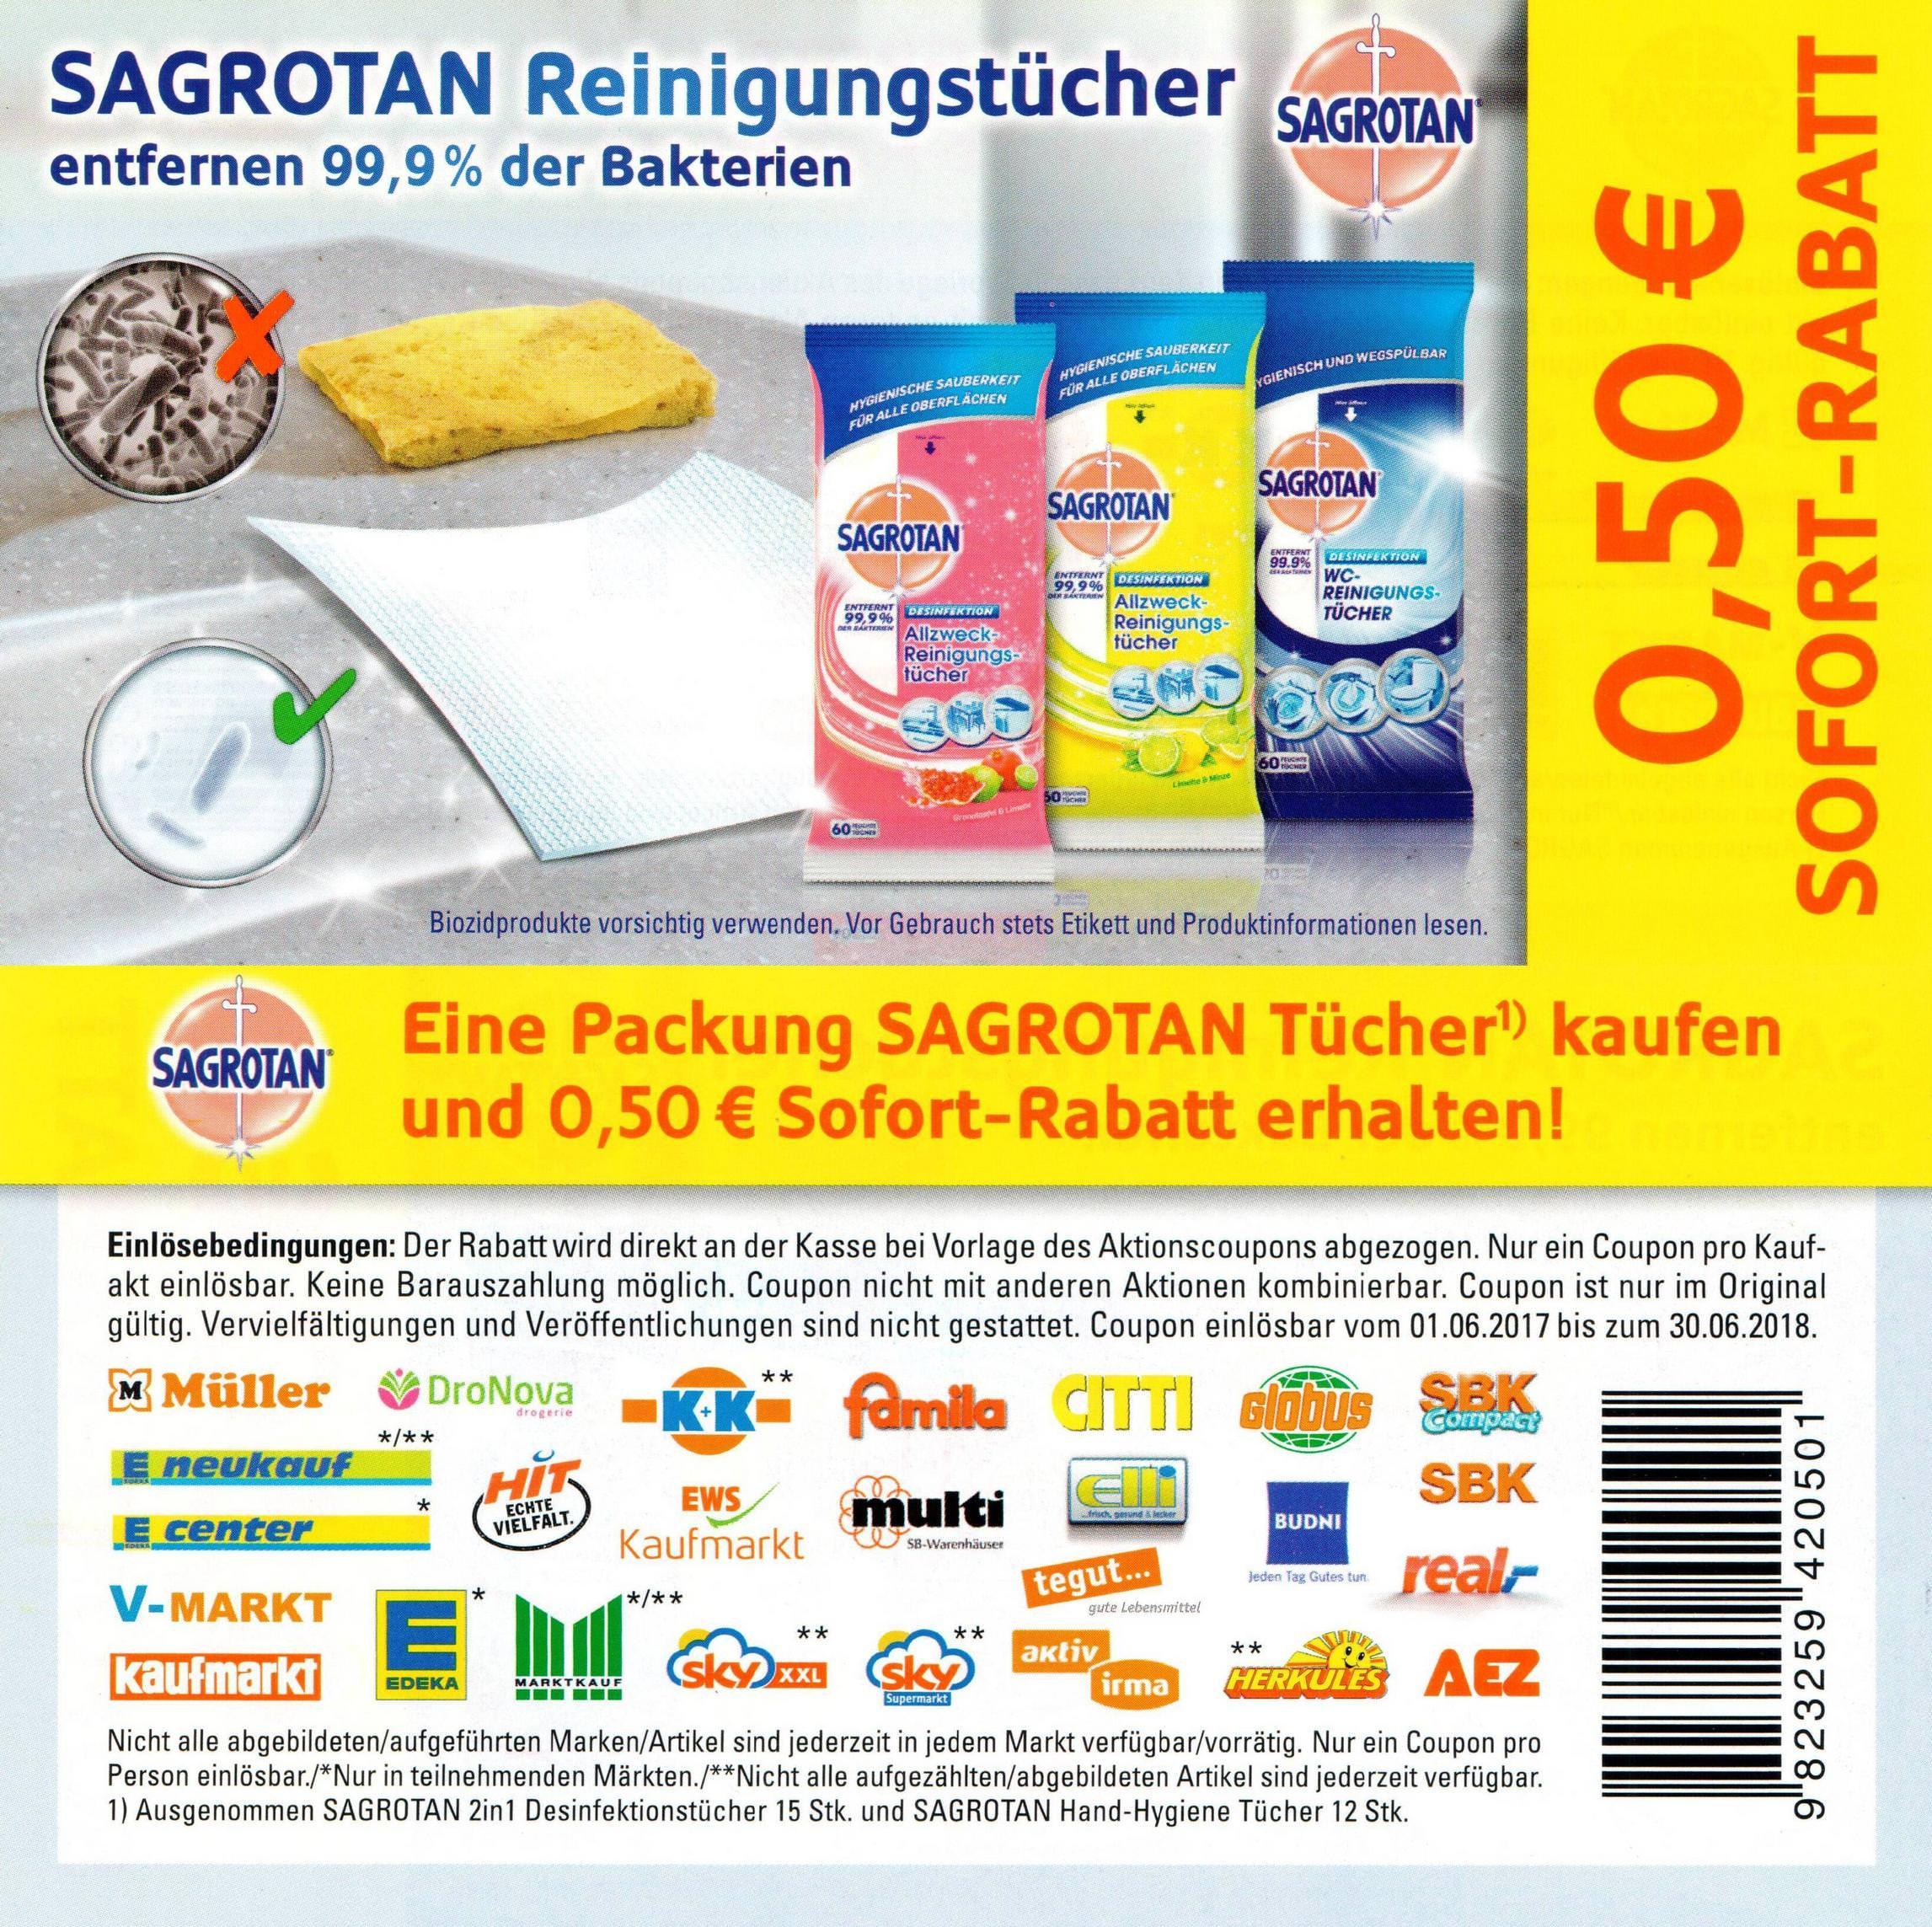 0,50€ Sofort-Rabatt-Coupon für eine Packung Sagrotan Tücher bis 30.06.2018 [Bundesweit]